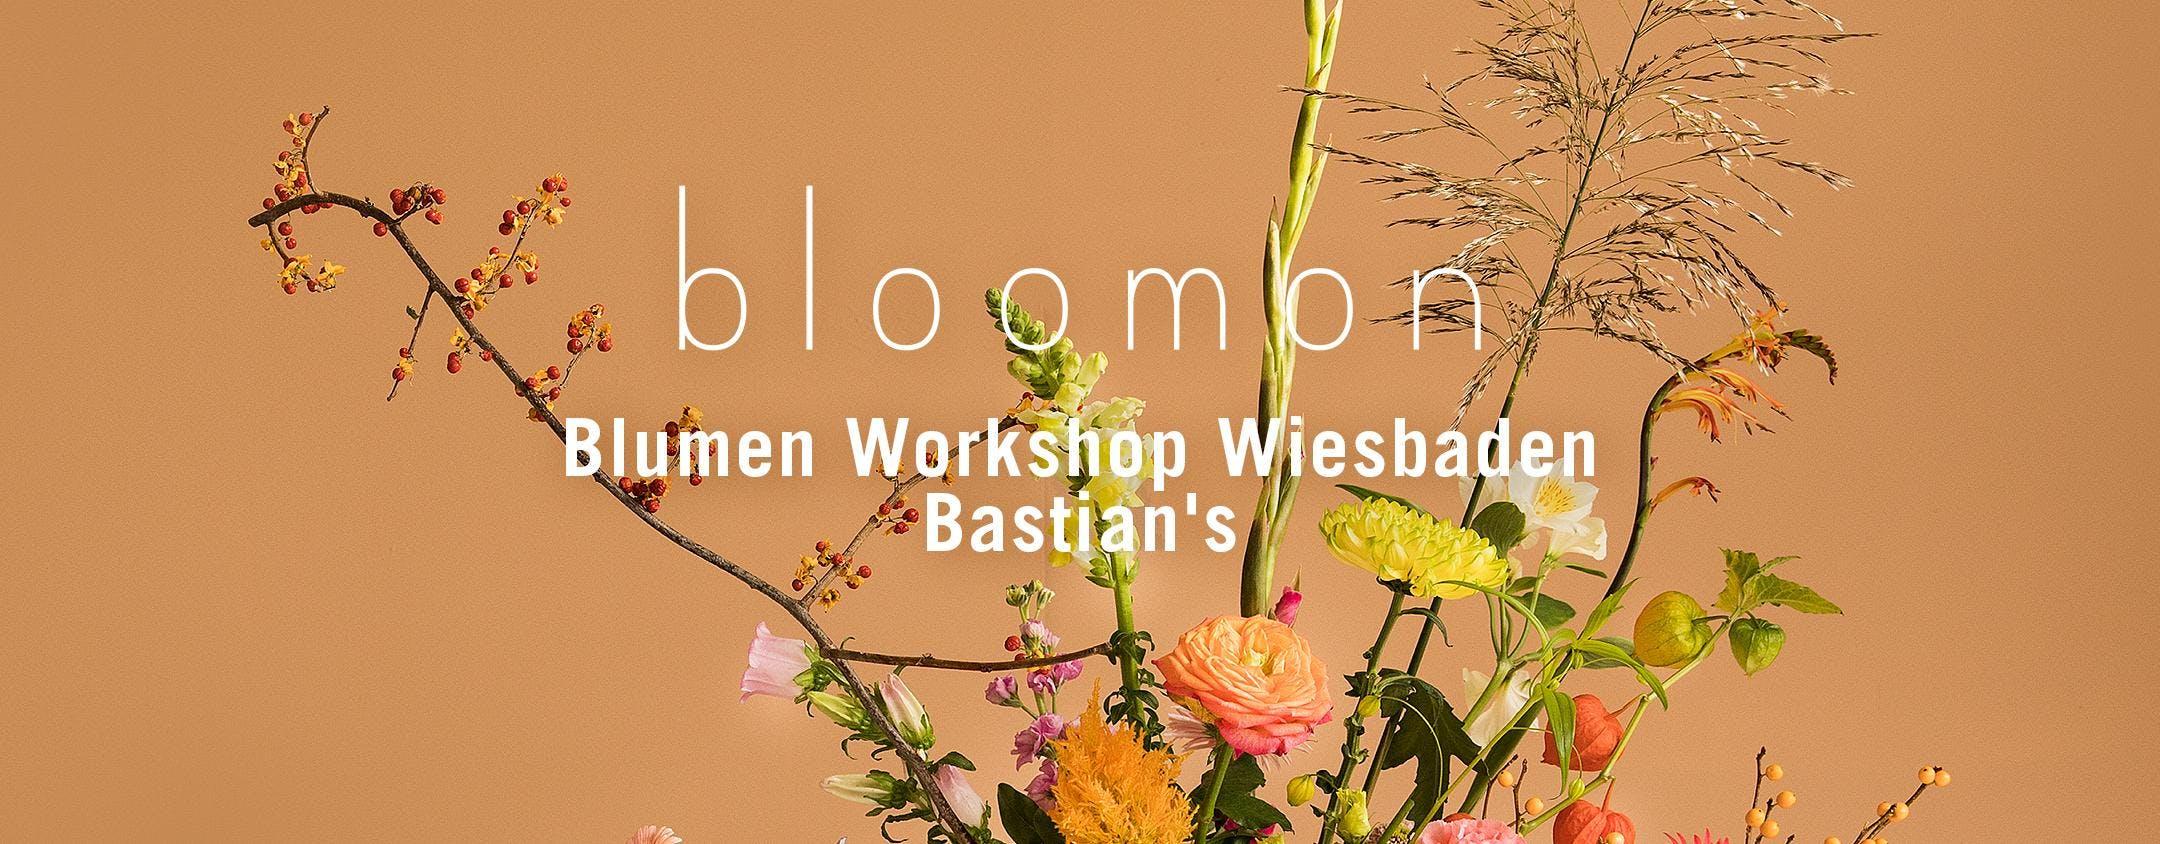 bloomon Workshop 17. Oktober | Wiesbaden, bas